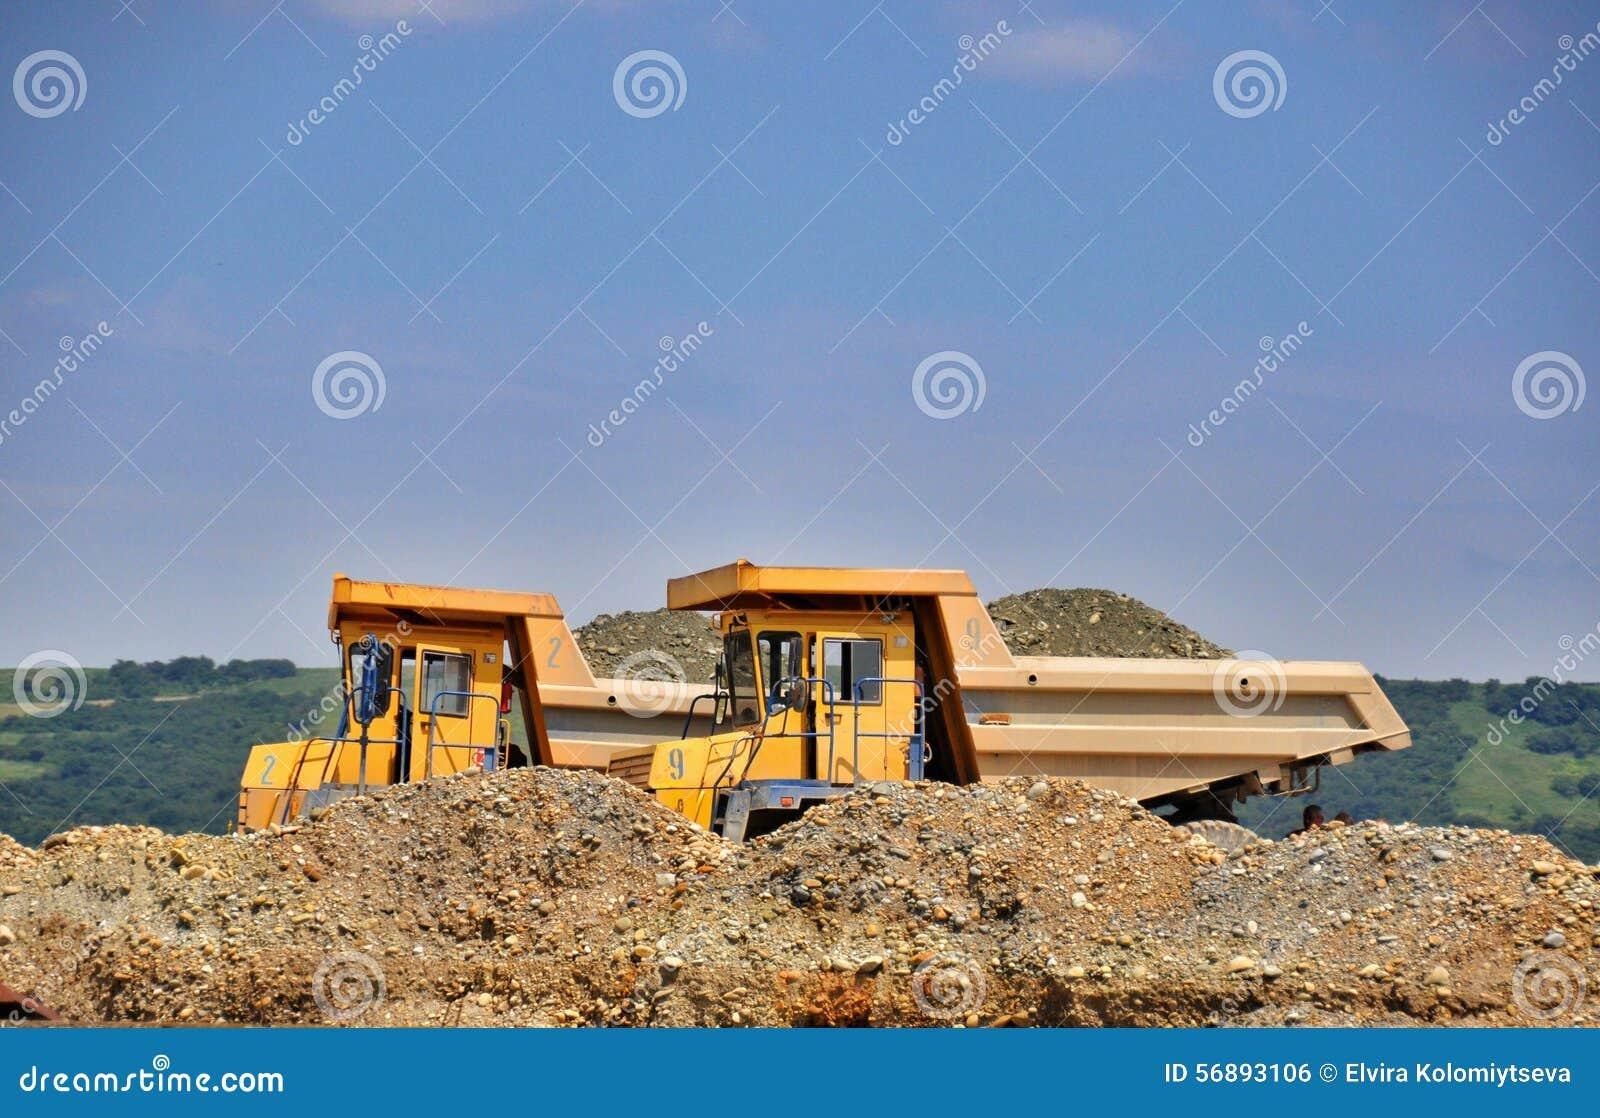 Camion giallo due con ghiaia